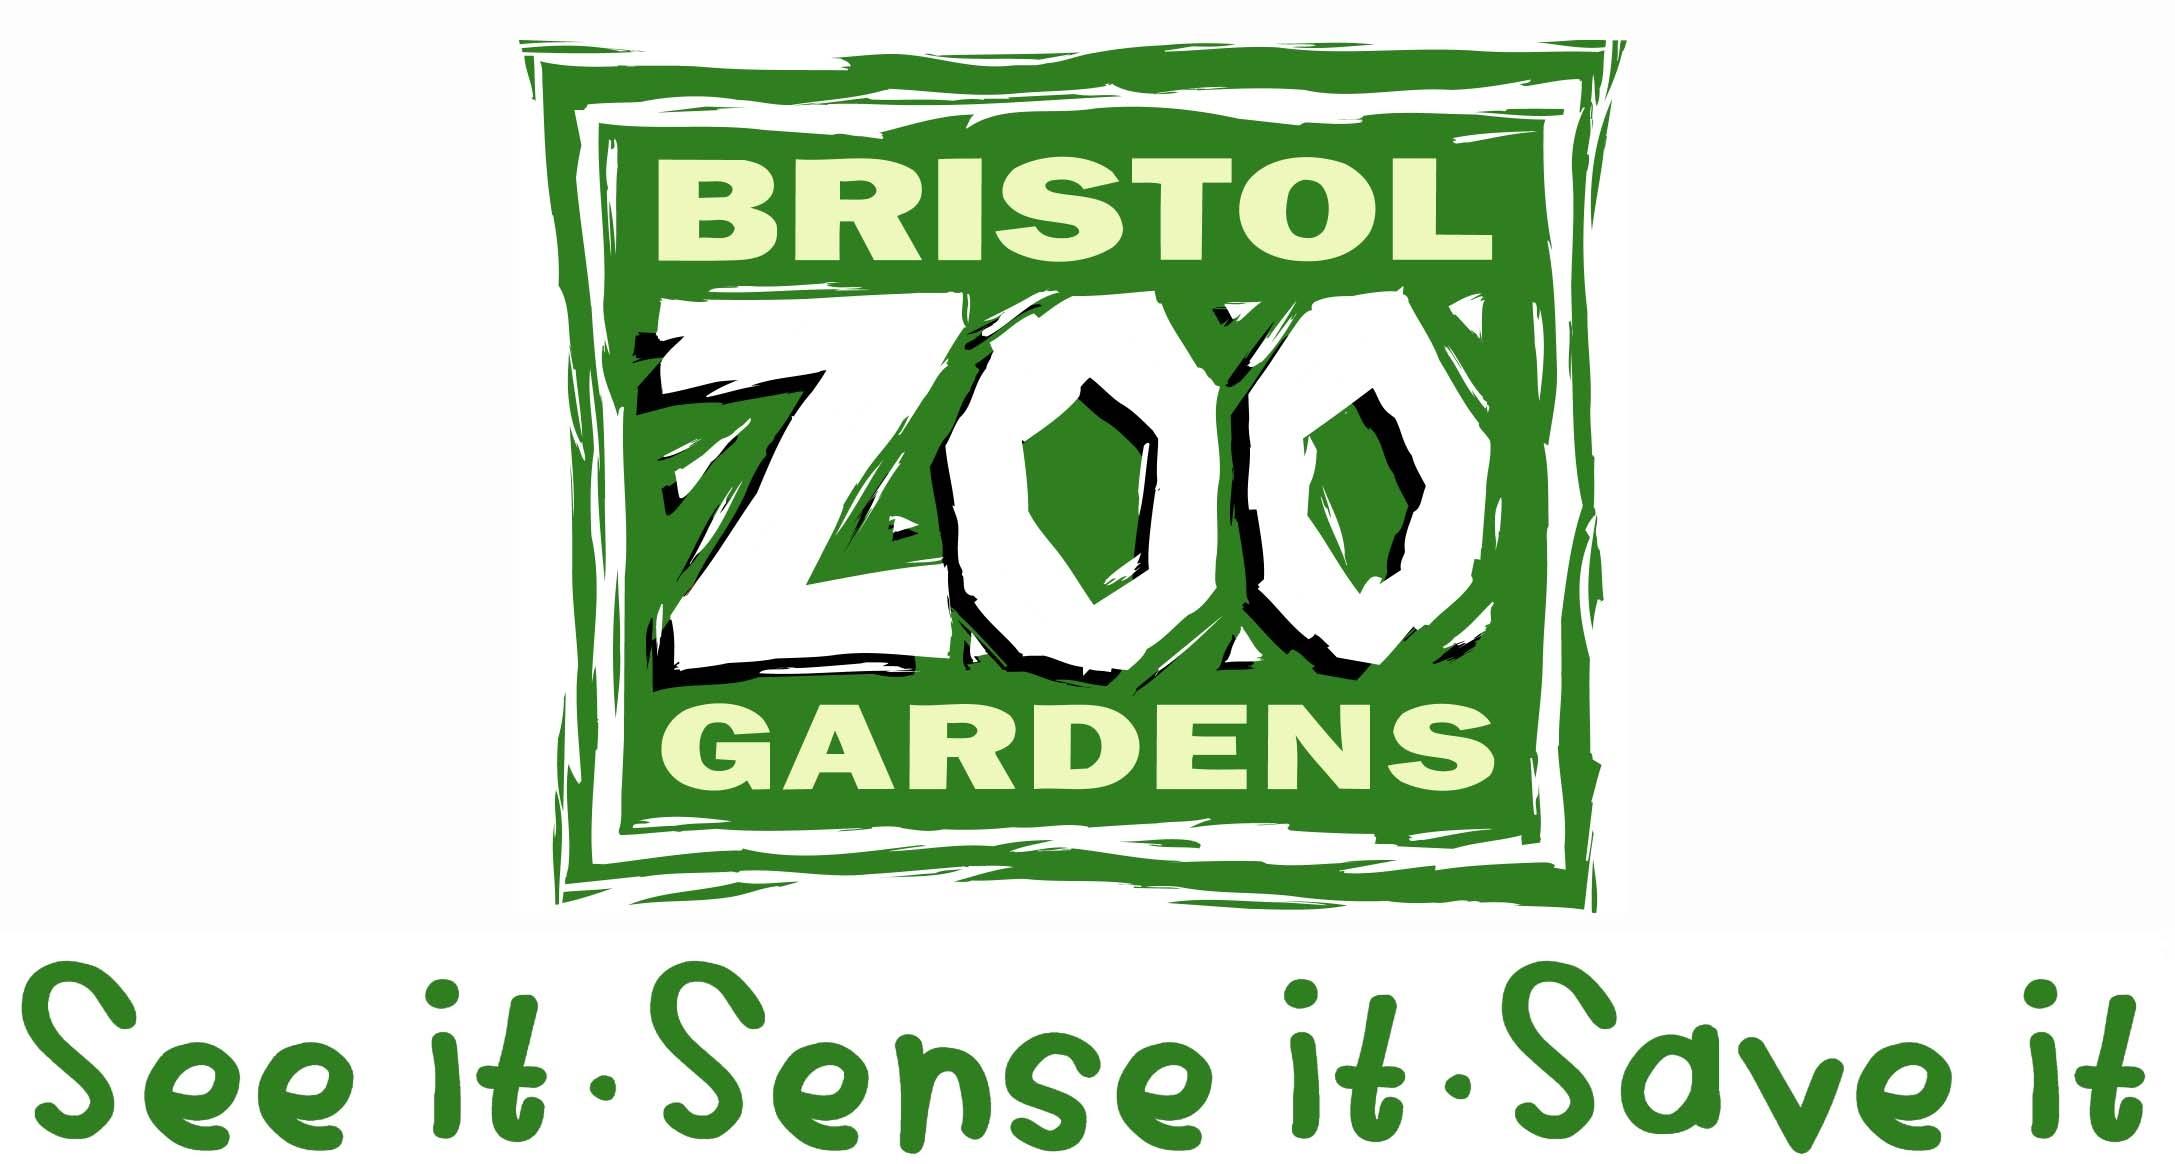 bristol2 logo